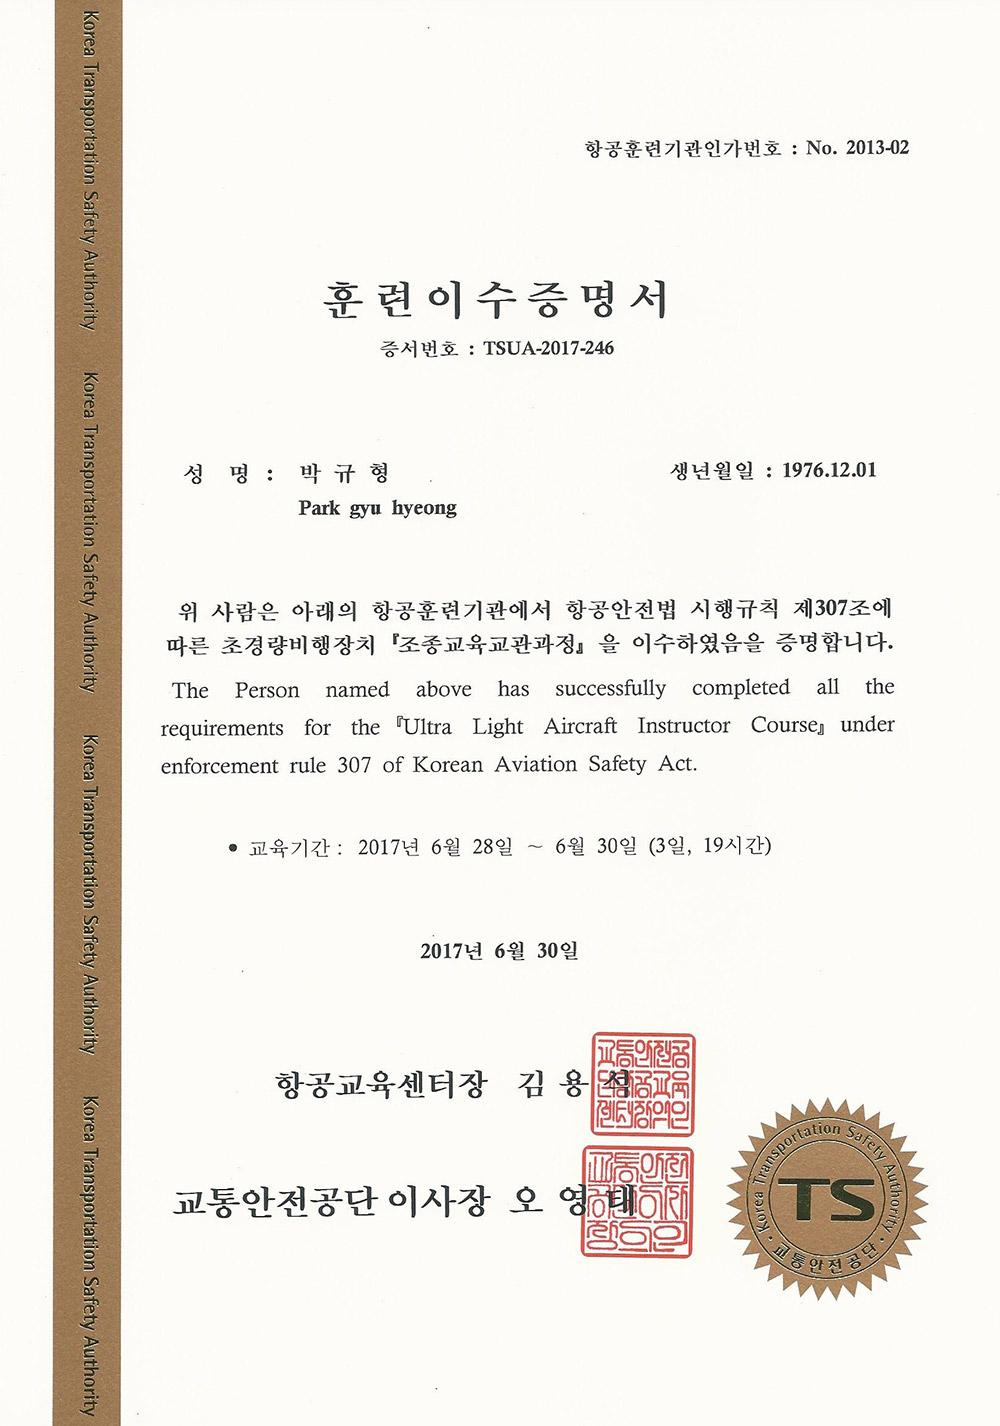 박규형교육부장 지도조종자